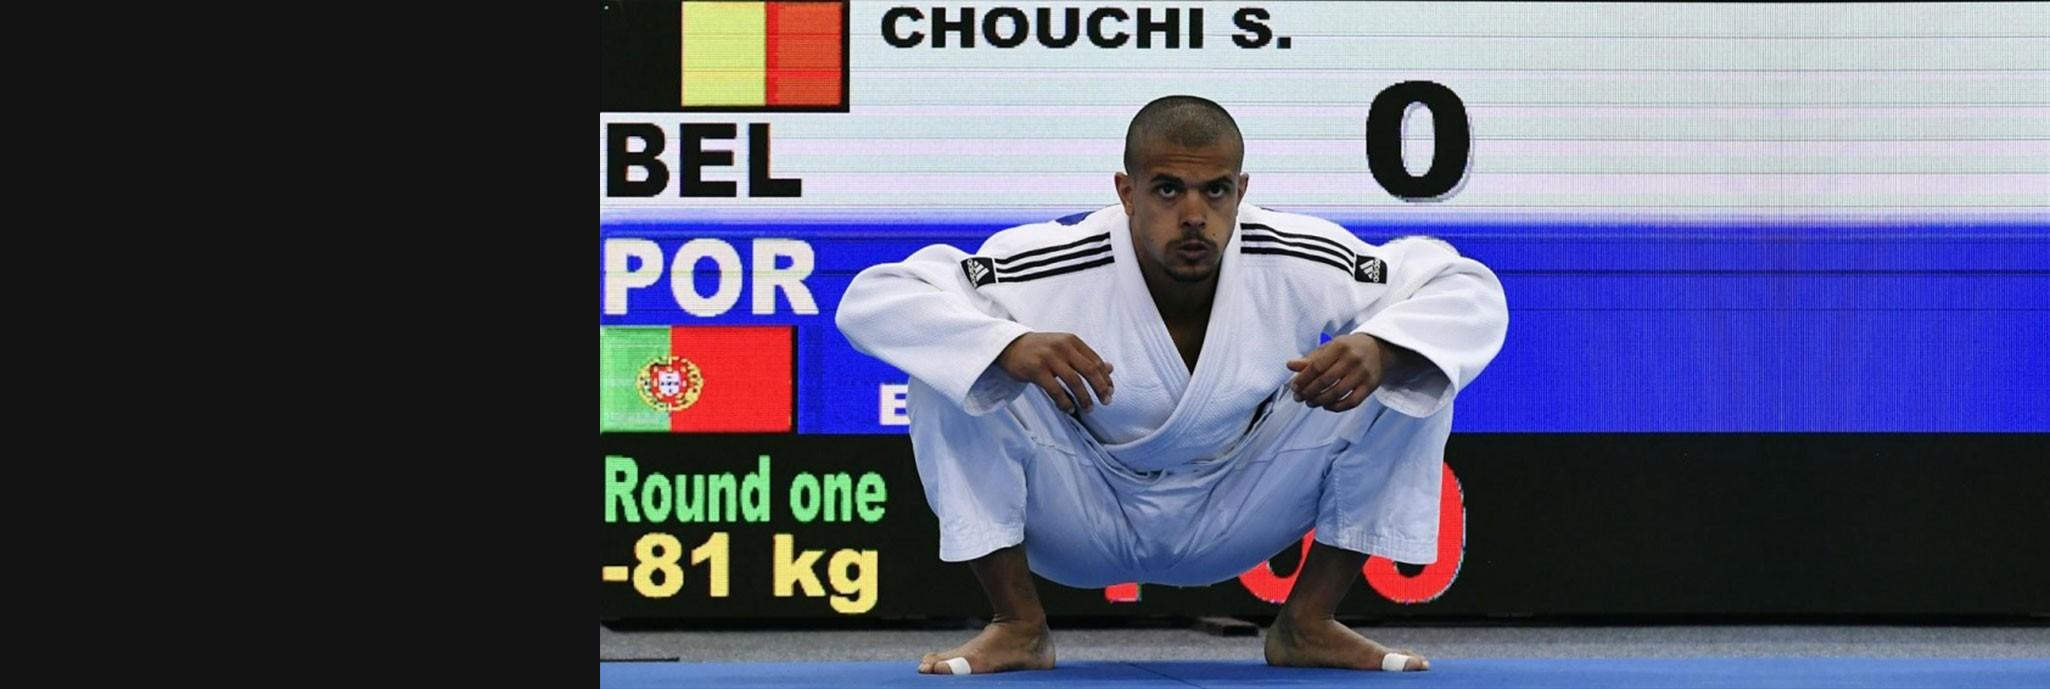 Sami CHOUCHI